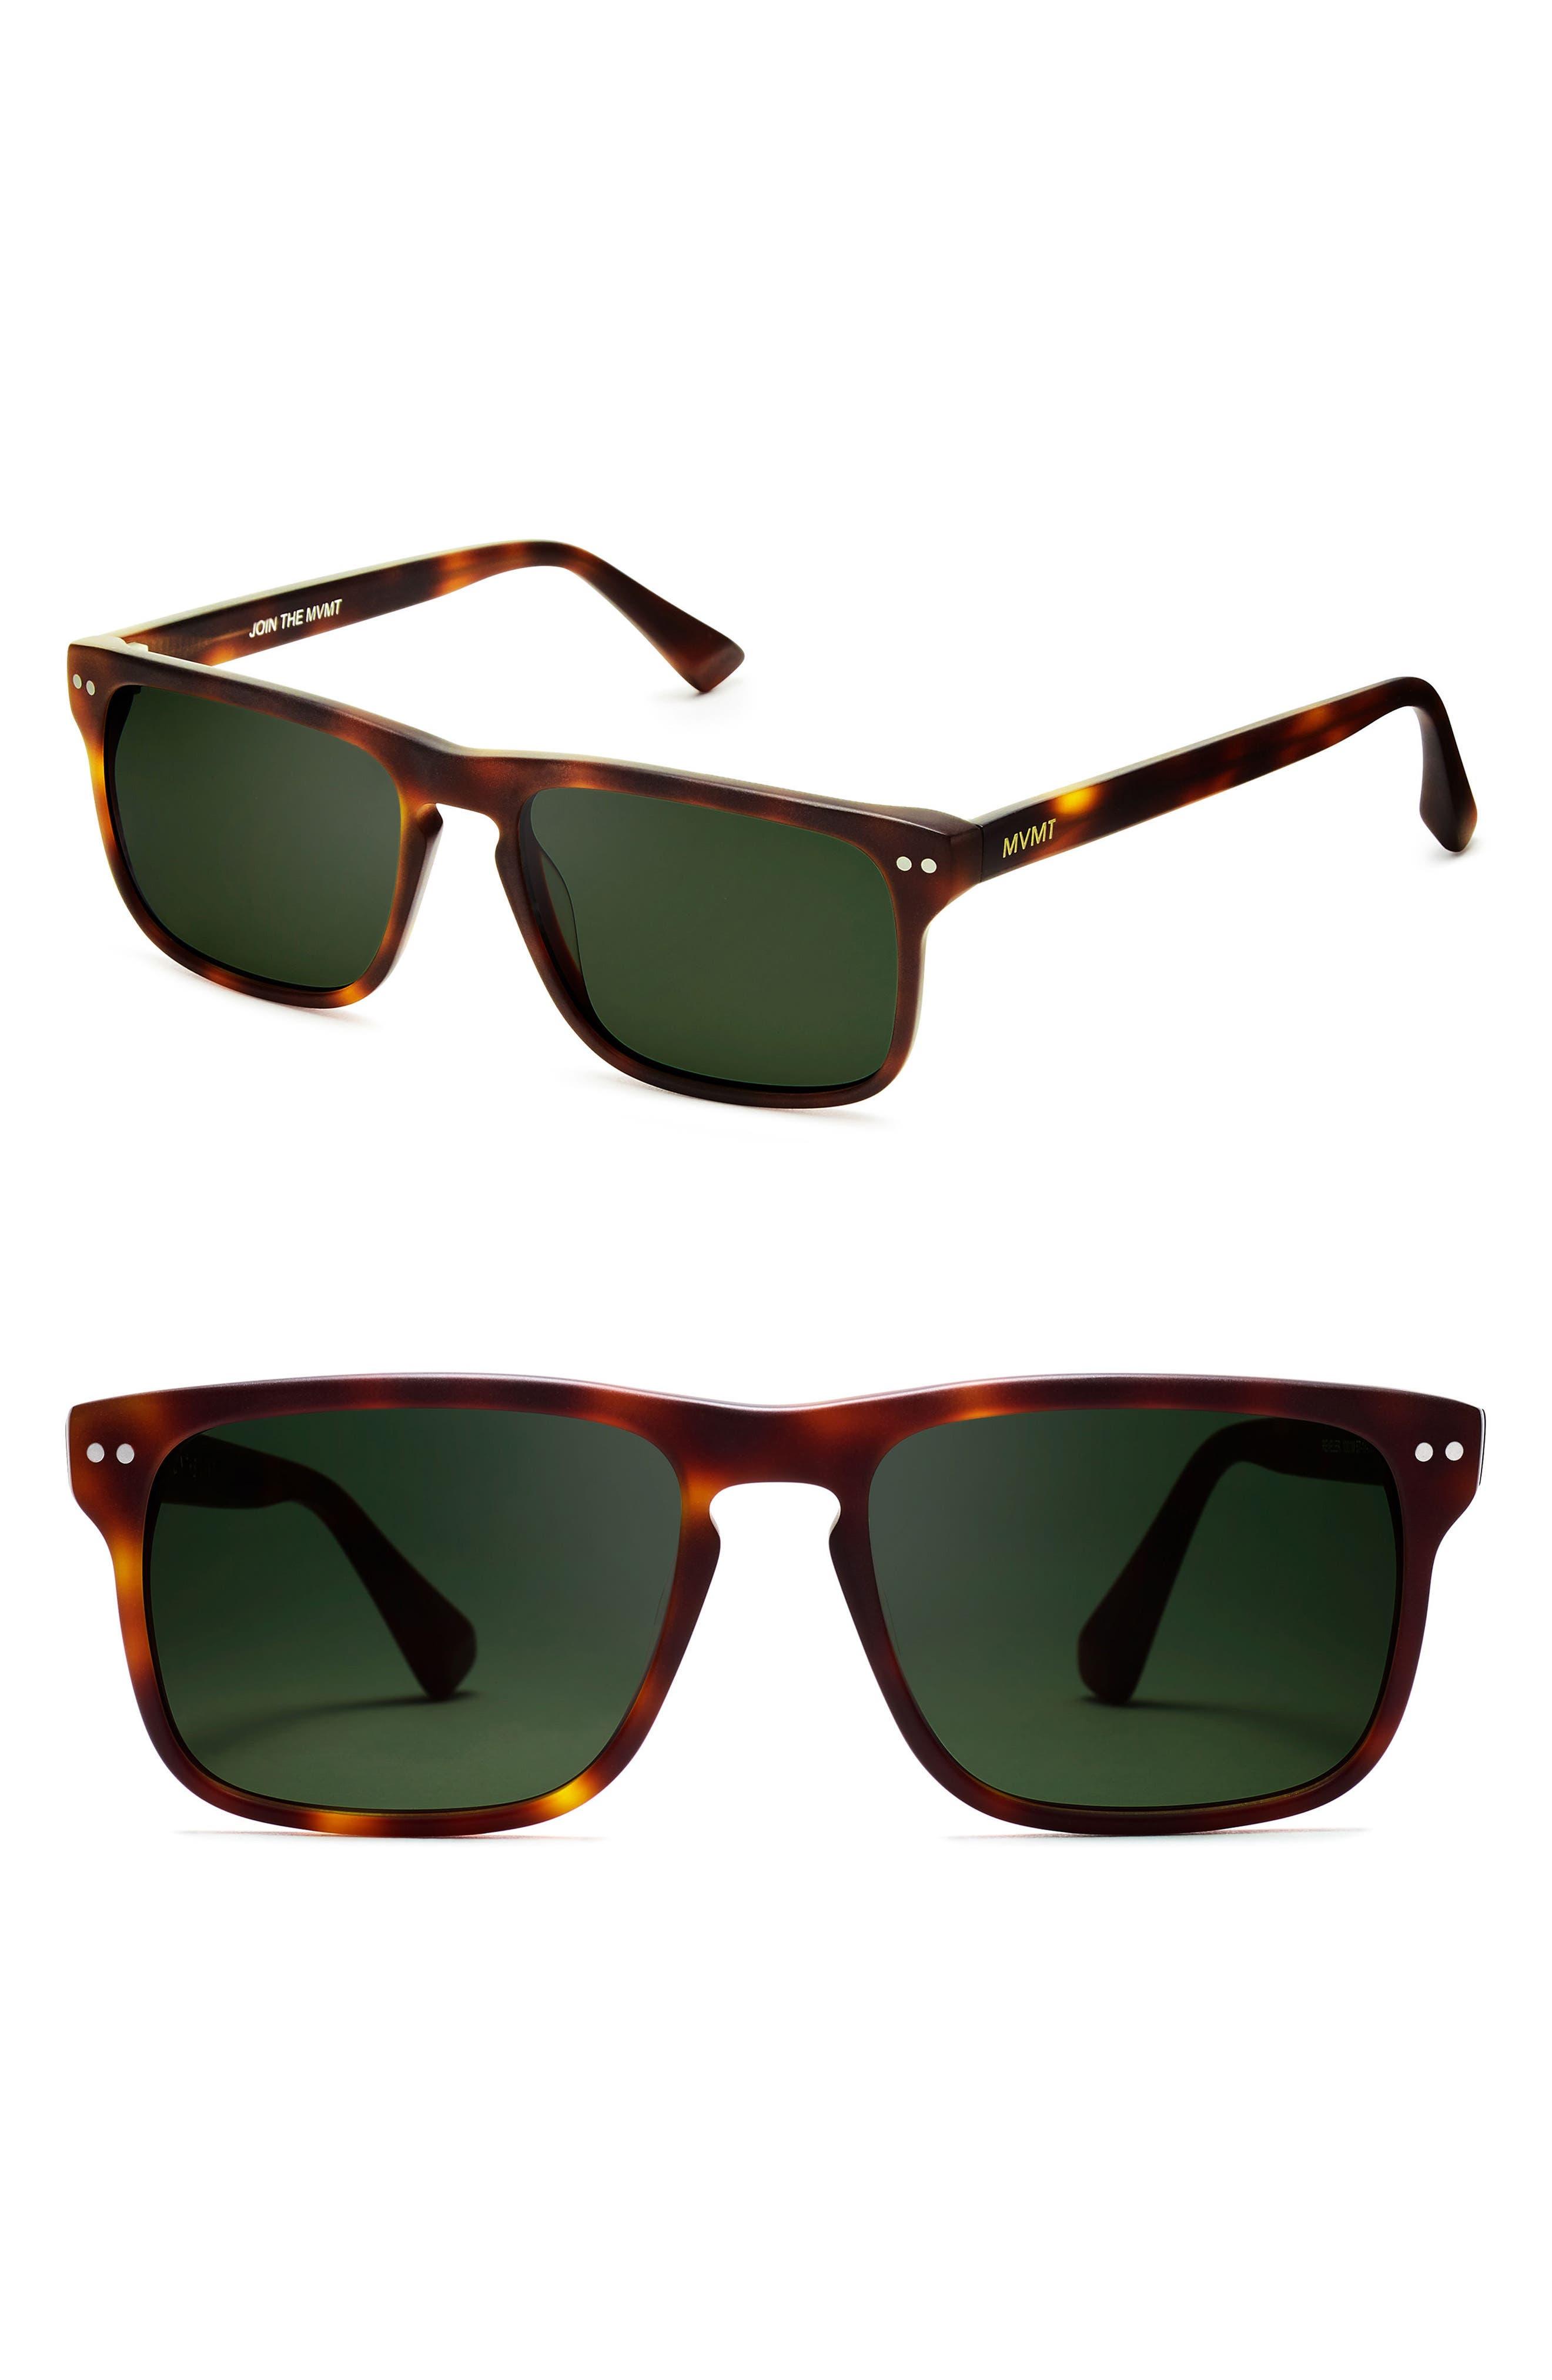 Reveler 57mm Sunglasses,                         Main,                         color, Whiskey Tortoise